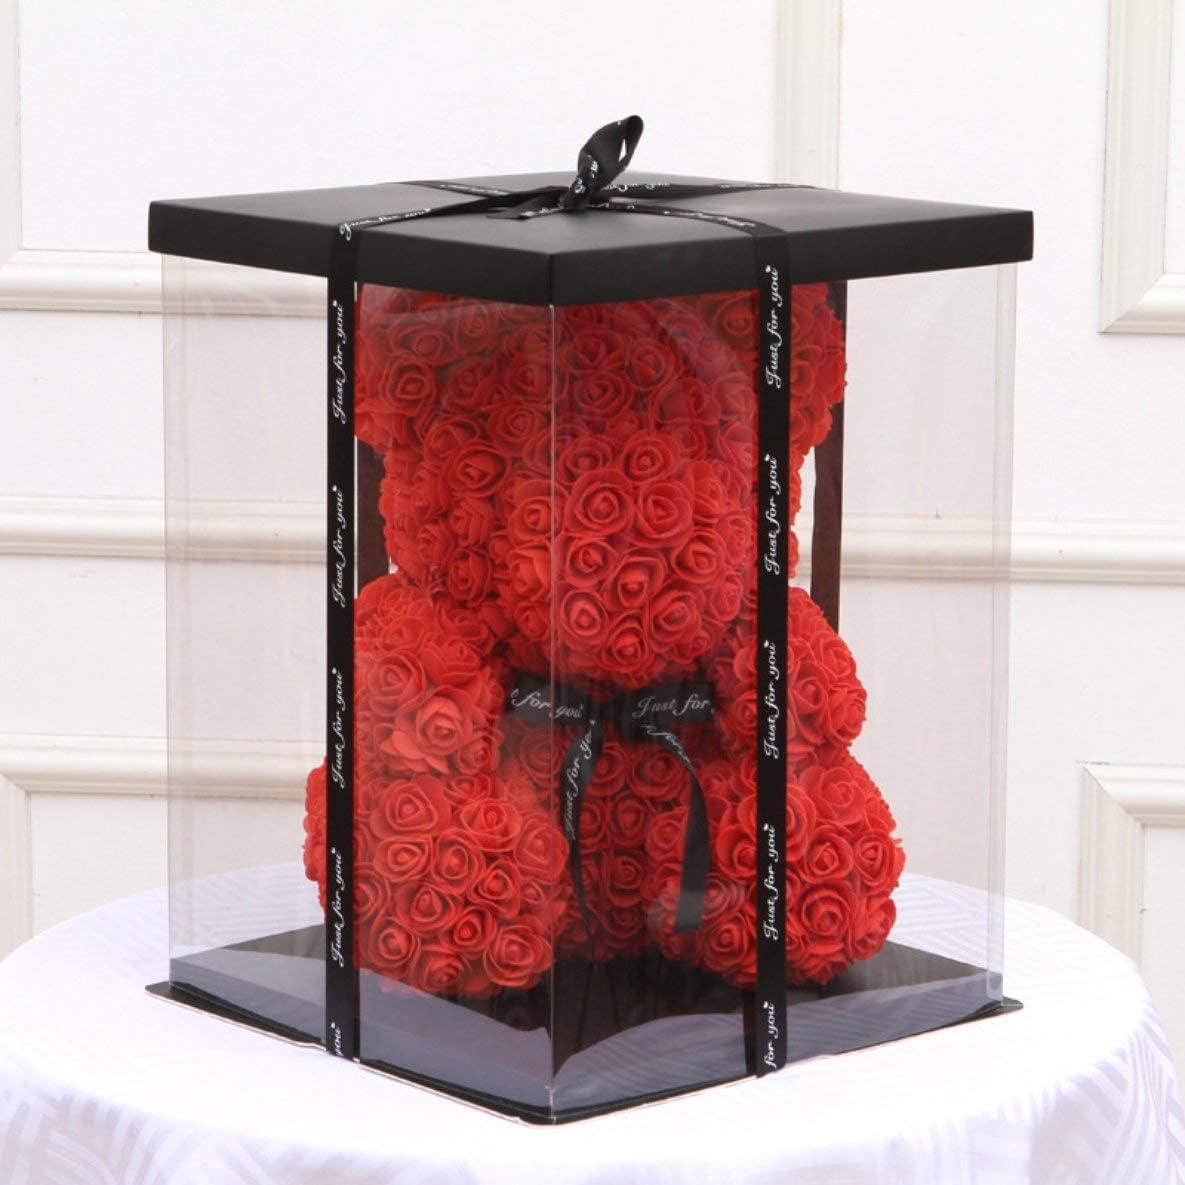 LouiseEvel215 Transparente Leere Geschenkbox f/ür k/ünstliche Teddyb/är Rose Blume Geschenke Box Frauen Pl/üsch B/är Kaninchen Geschenk